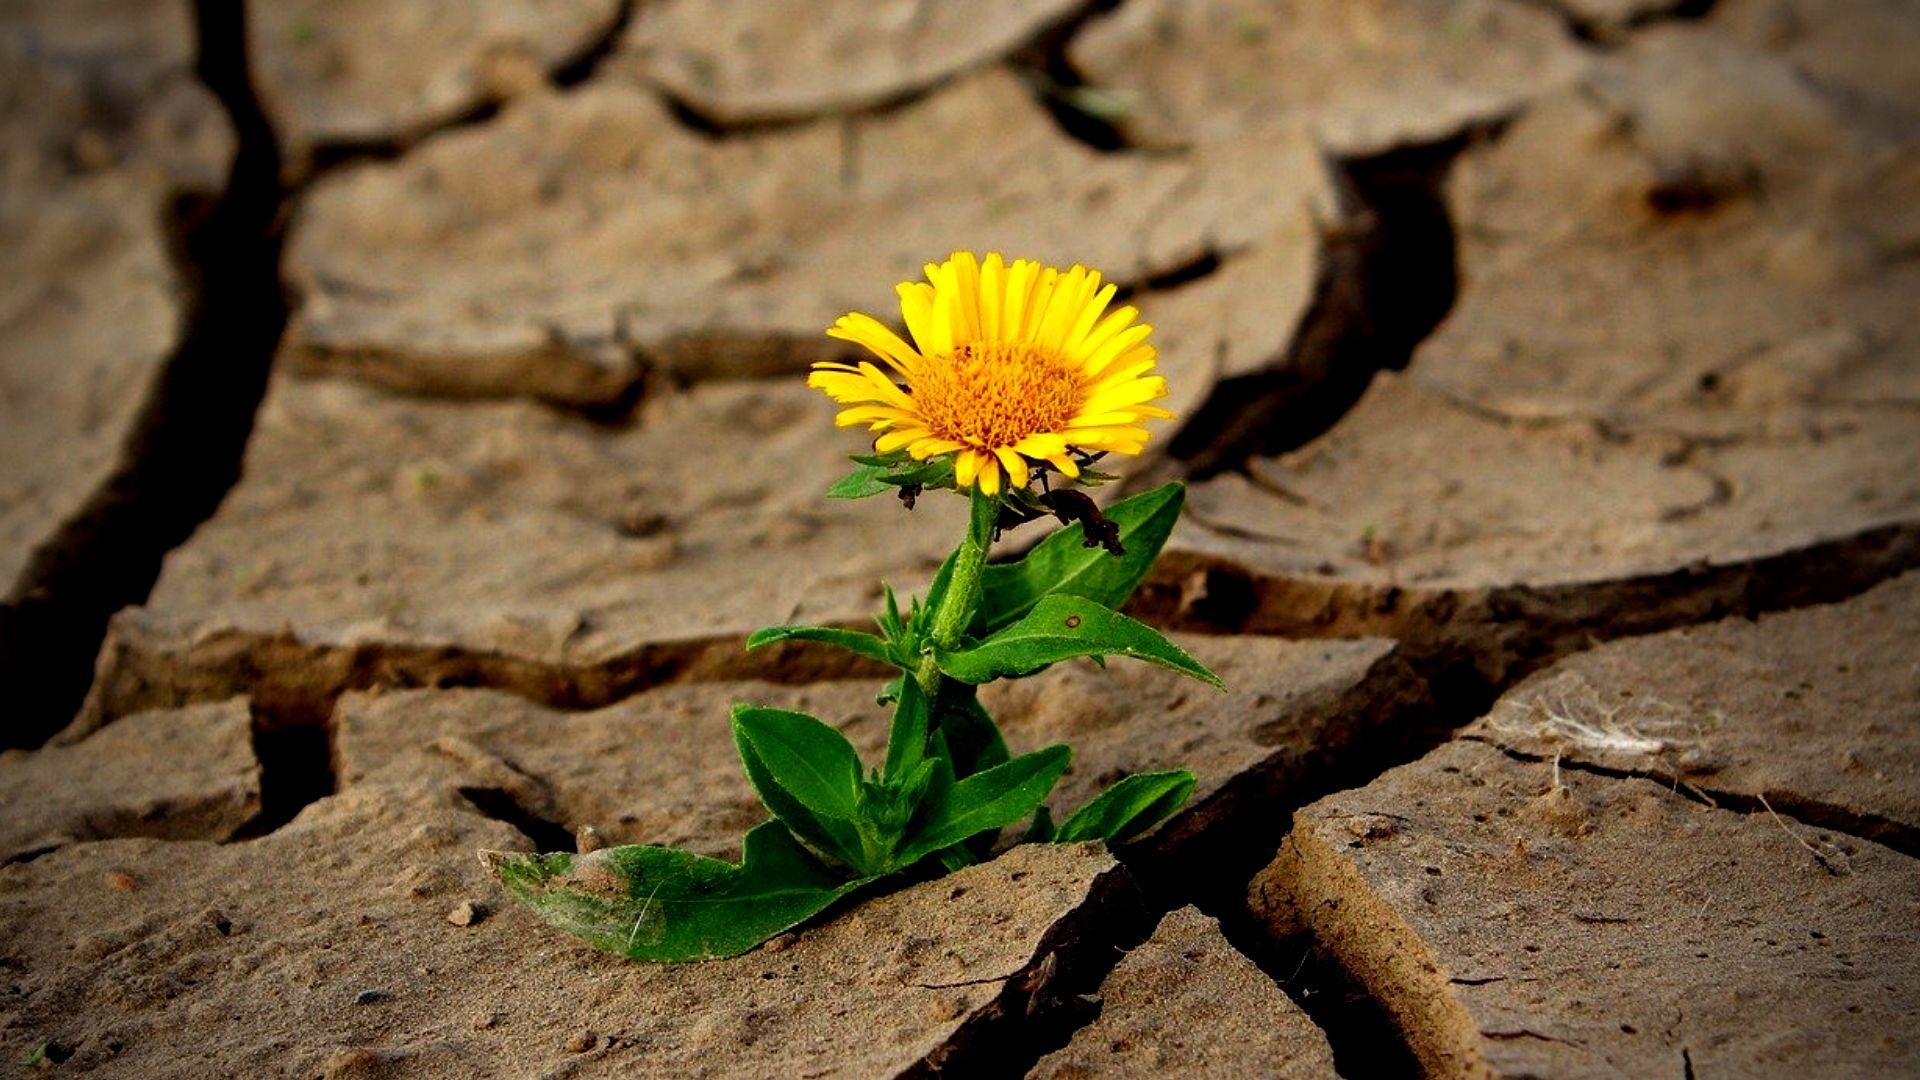 Resiliencia, en imagen, una margarita florece en una tierra cuarteada